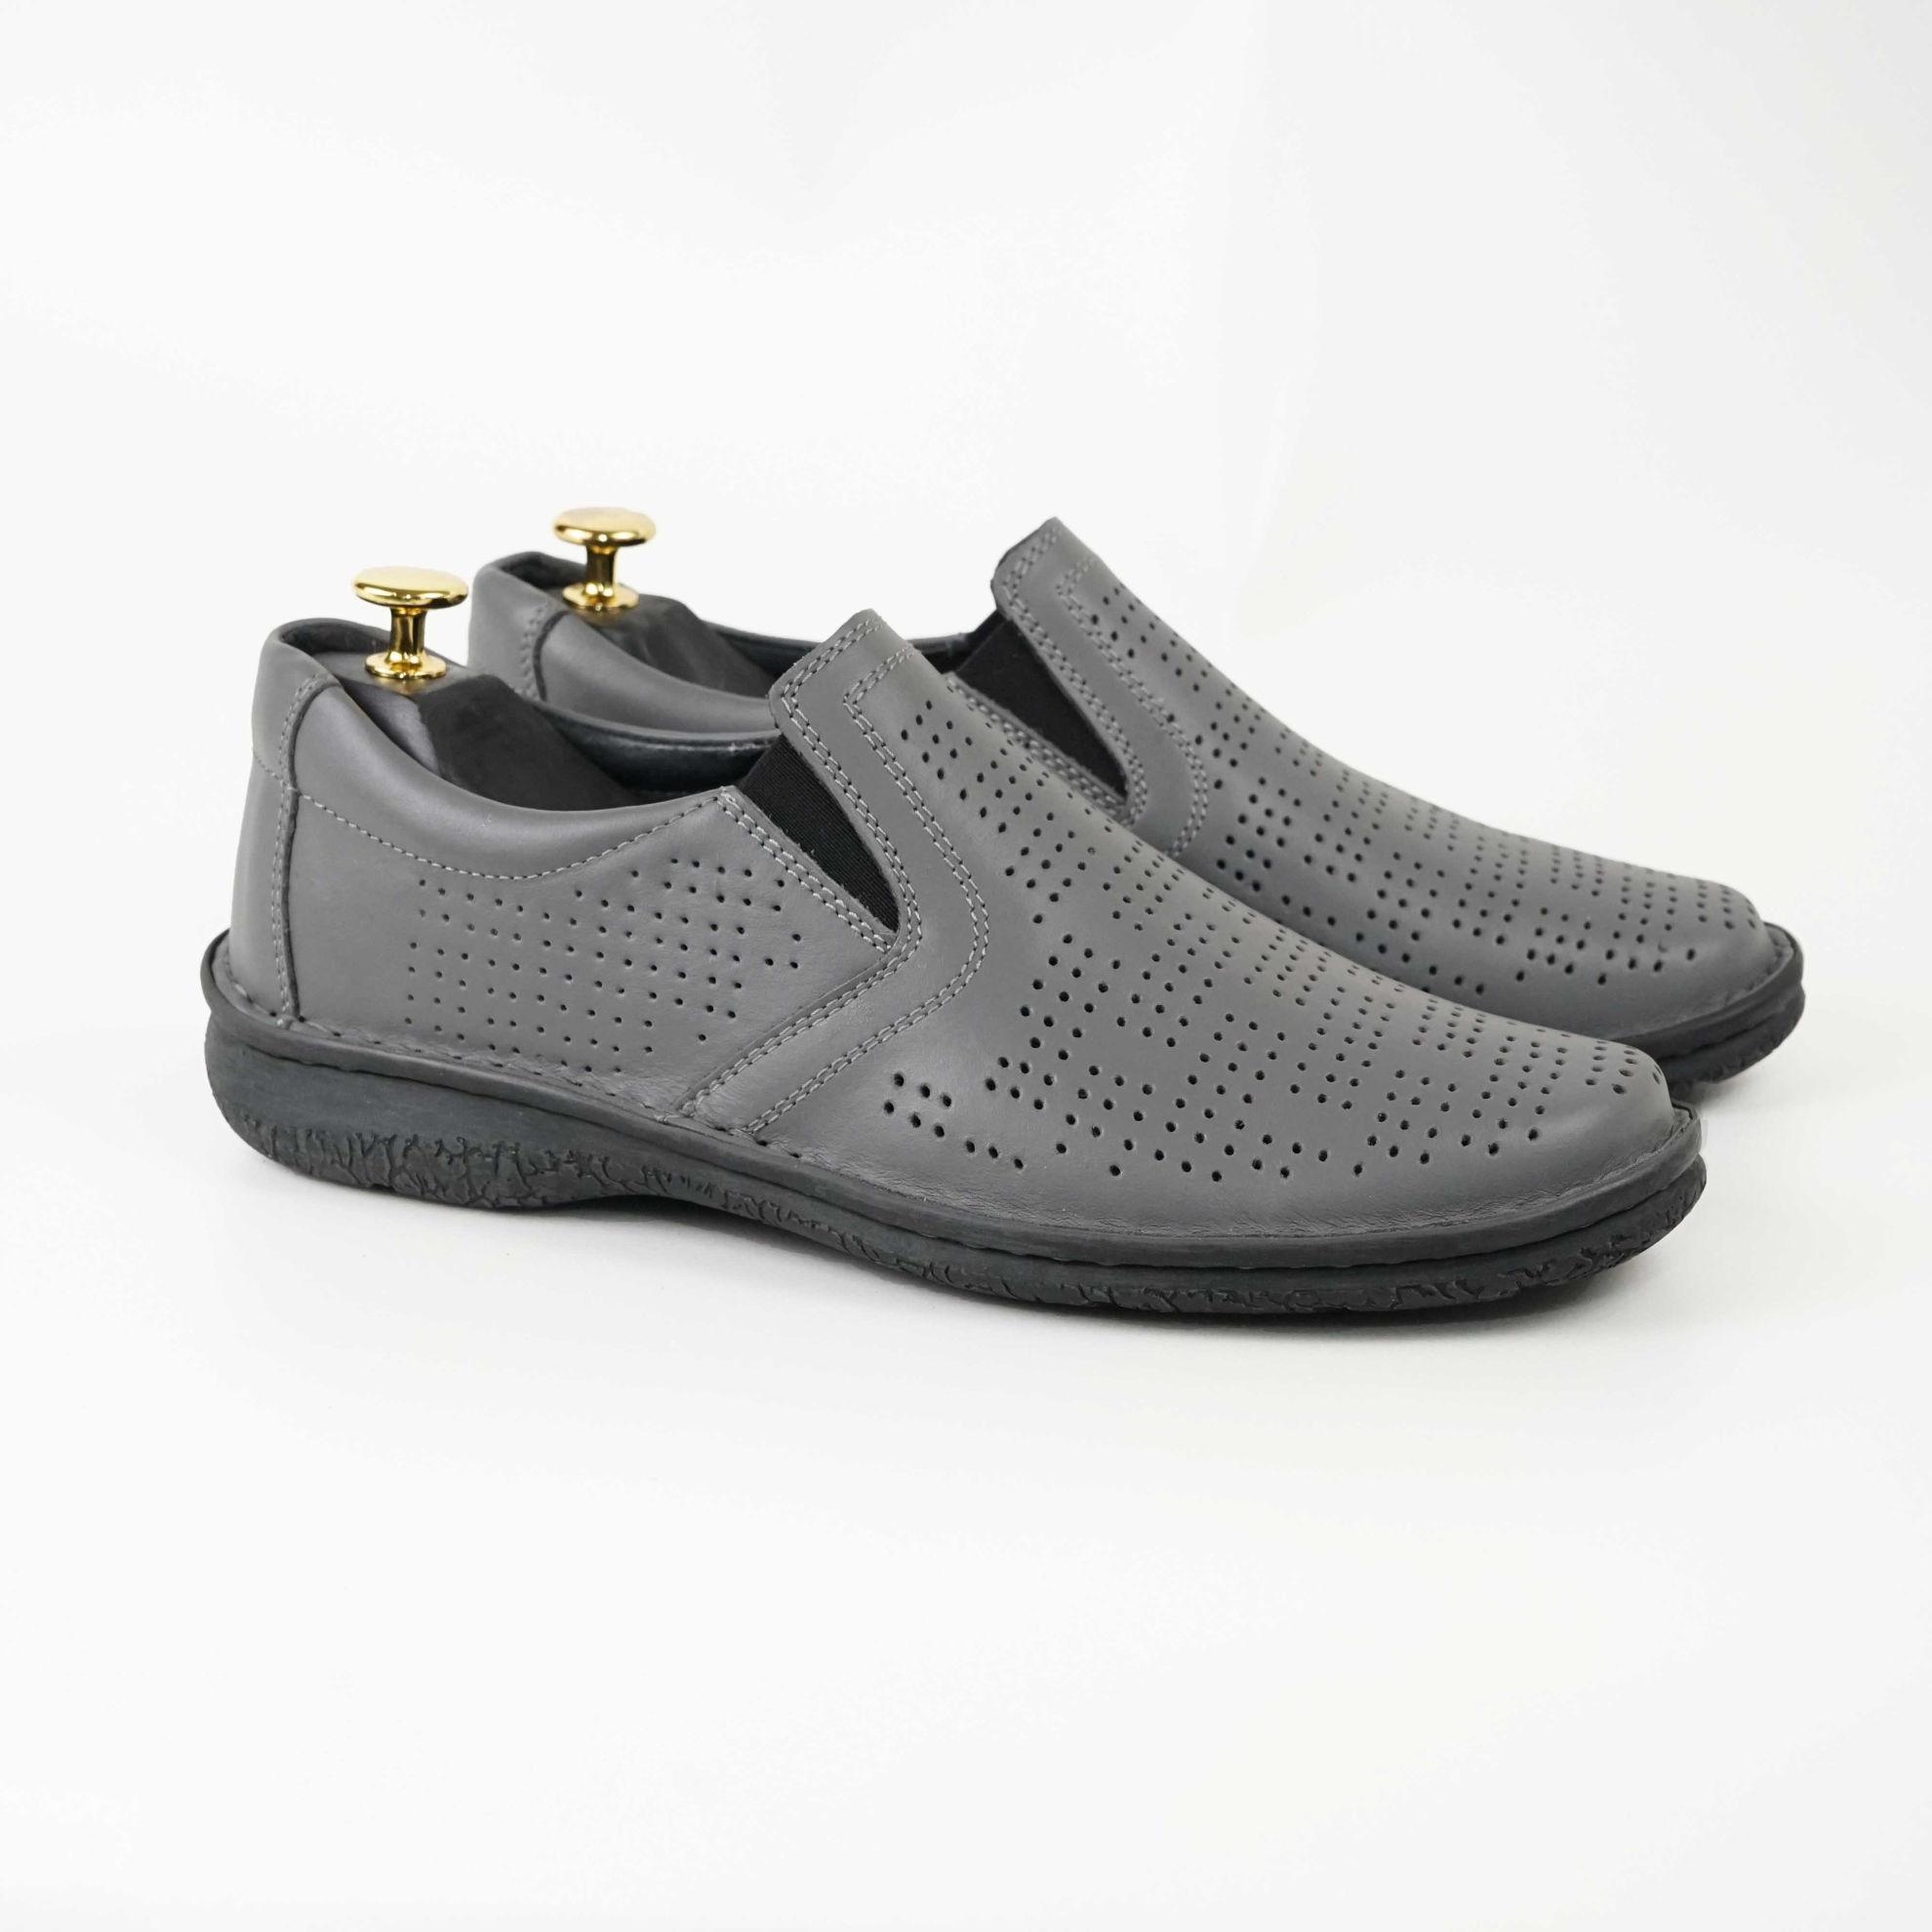 Imagine Pantofi casual bărbați piele naturală Cov gri